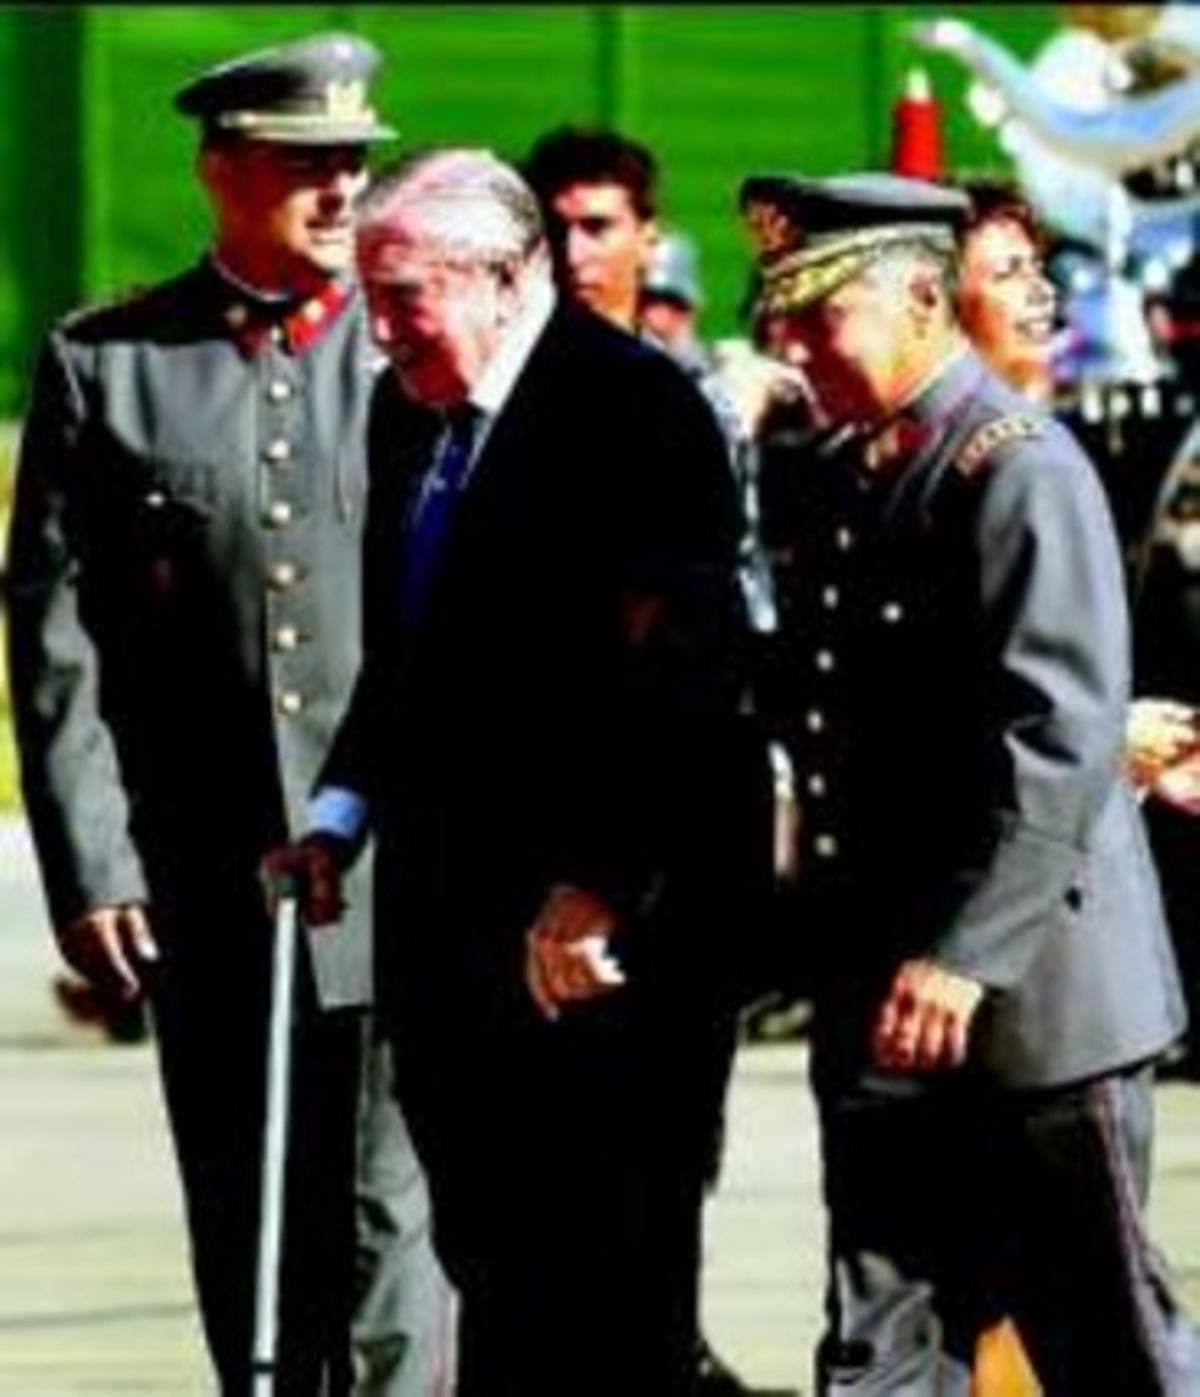 EL FRAUDE En marzo del 2000, Londres puso en libertad a Pinochet por motivos de salud. Pero al aterrizar en Chile, el día 3 de ese mes, el dictador se levantó de la silla de ruedas y se puso a andar.